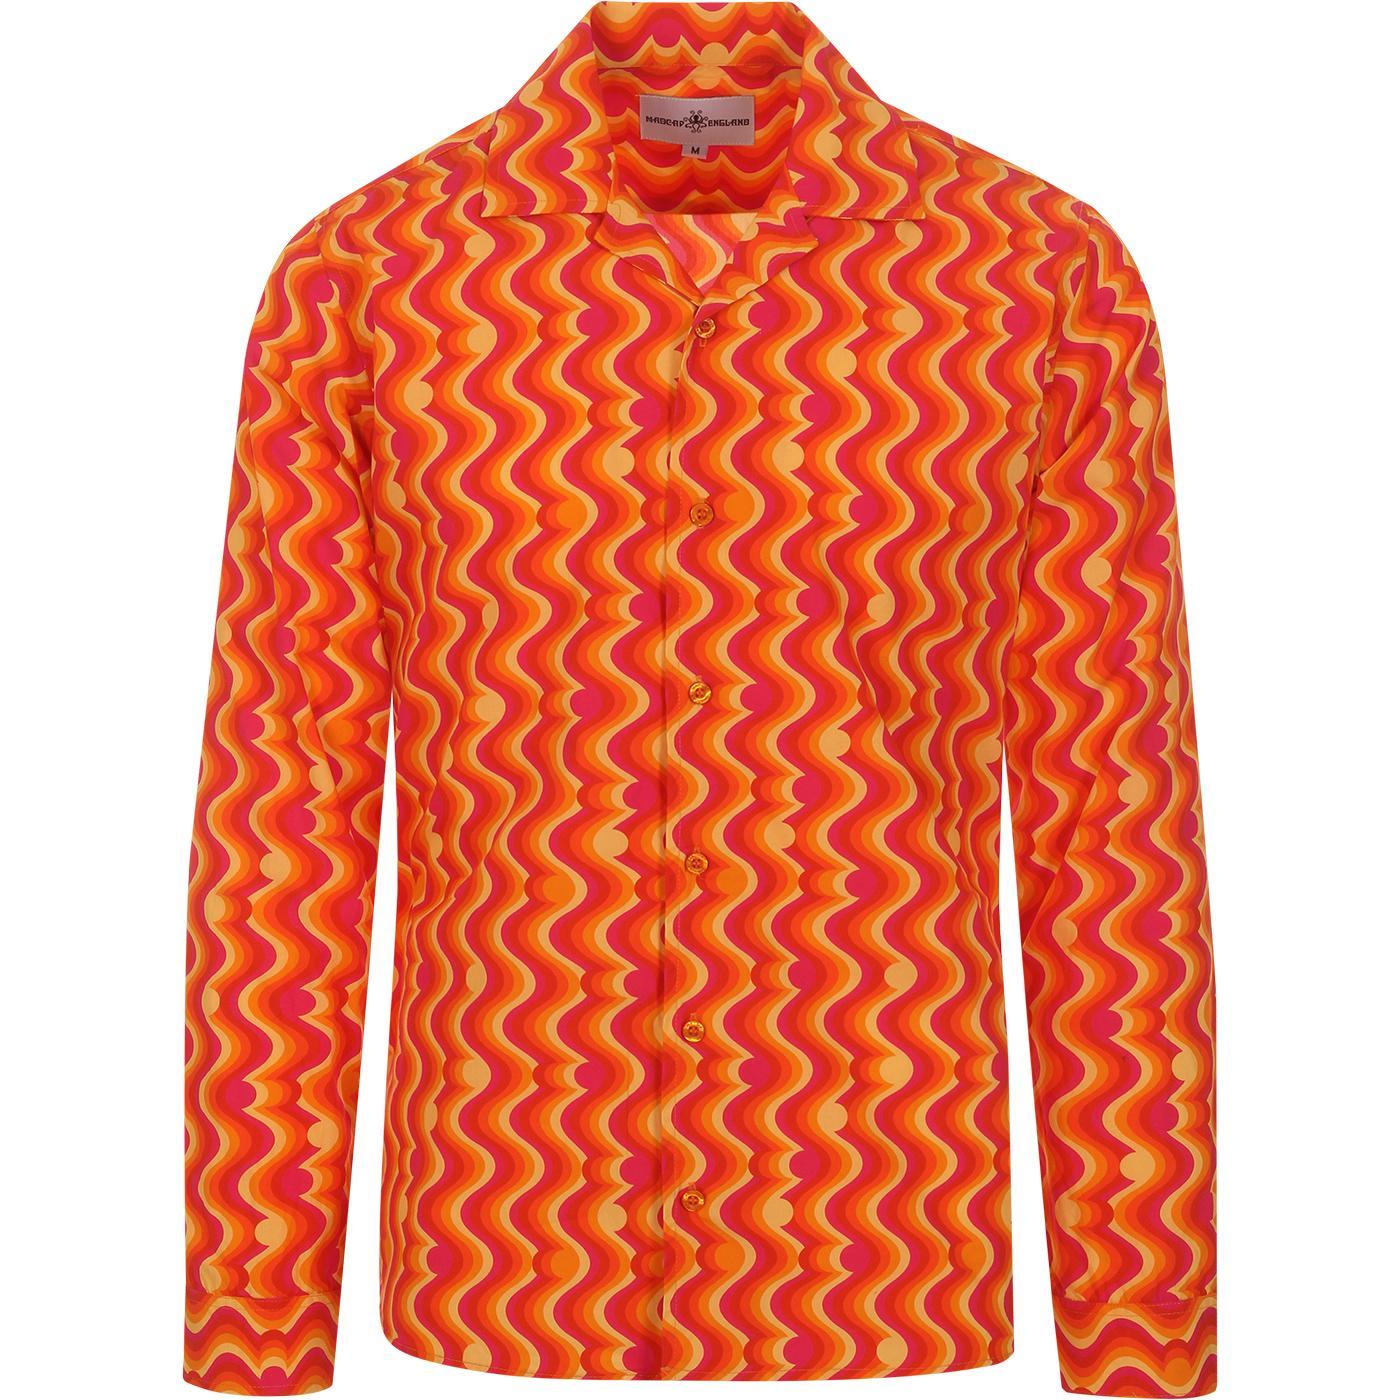 madcap england mens resort collar bold wave pattern long sleeve shirt pink orange yellow